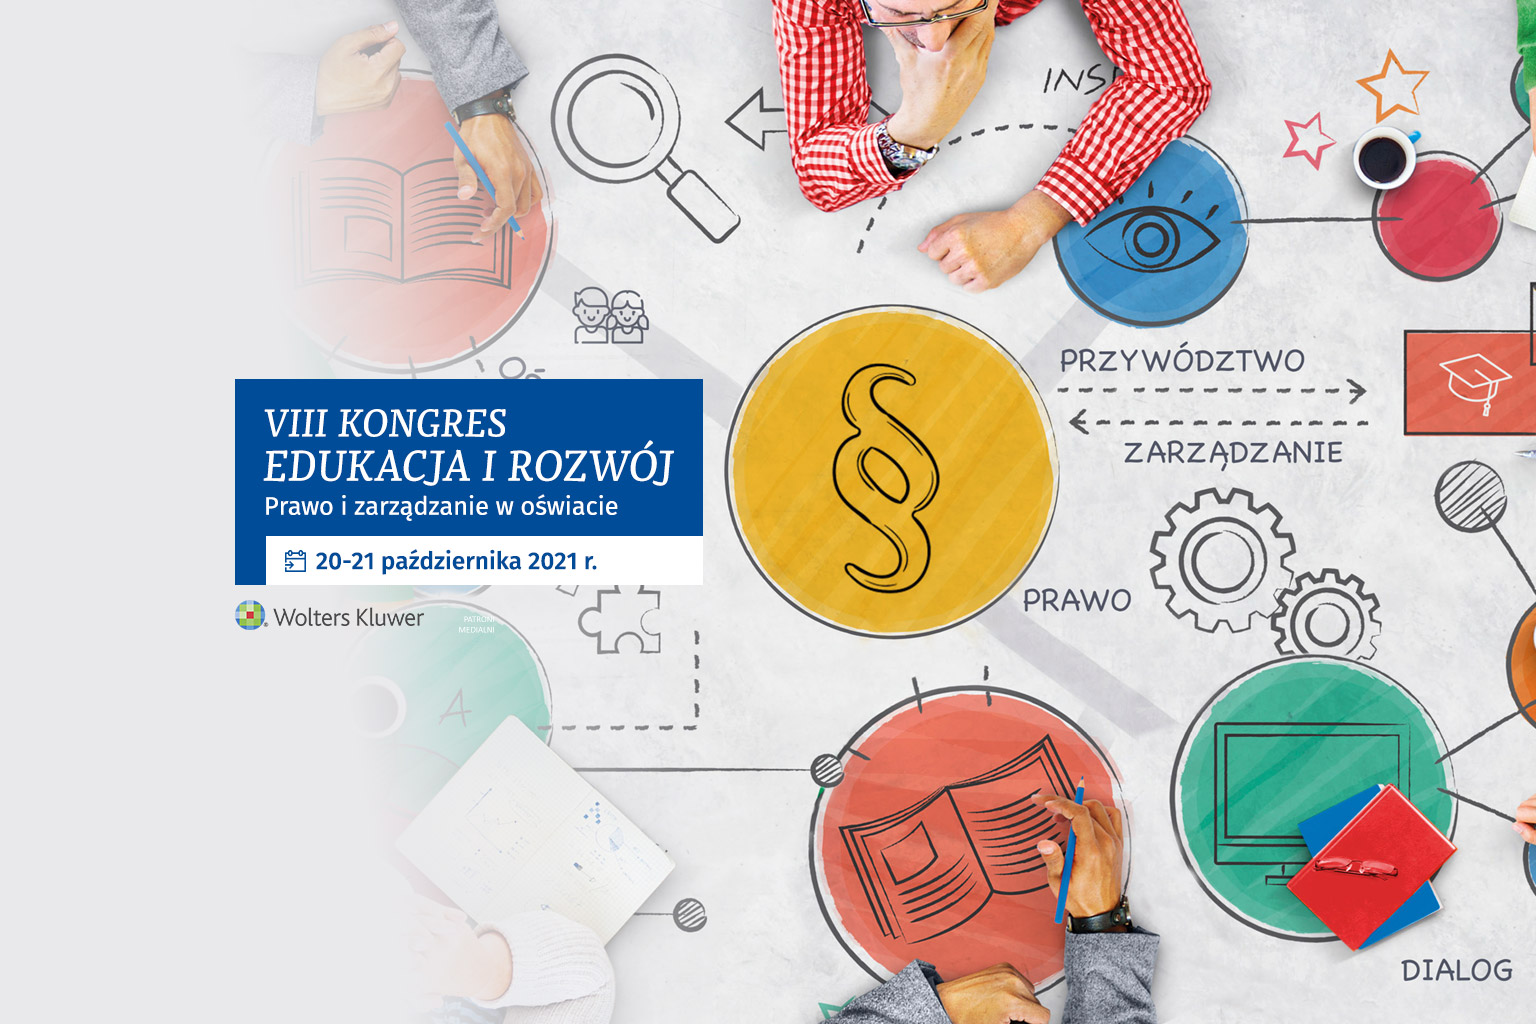 VIII Kongres Edukacja i Rozwój